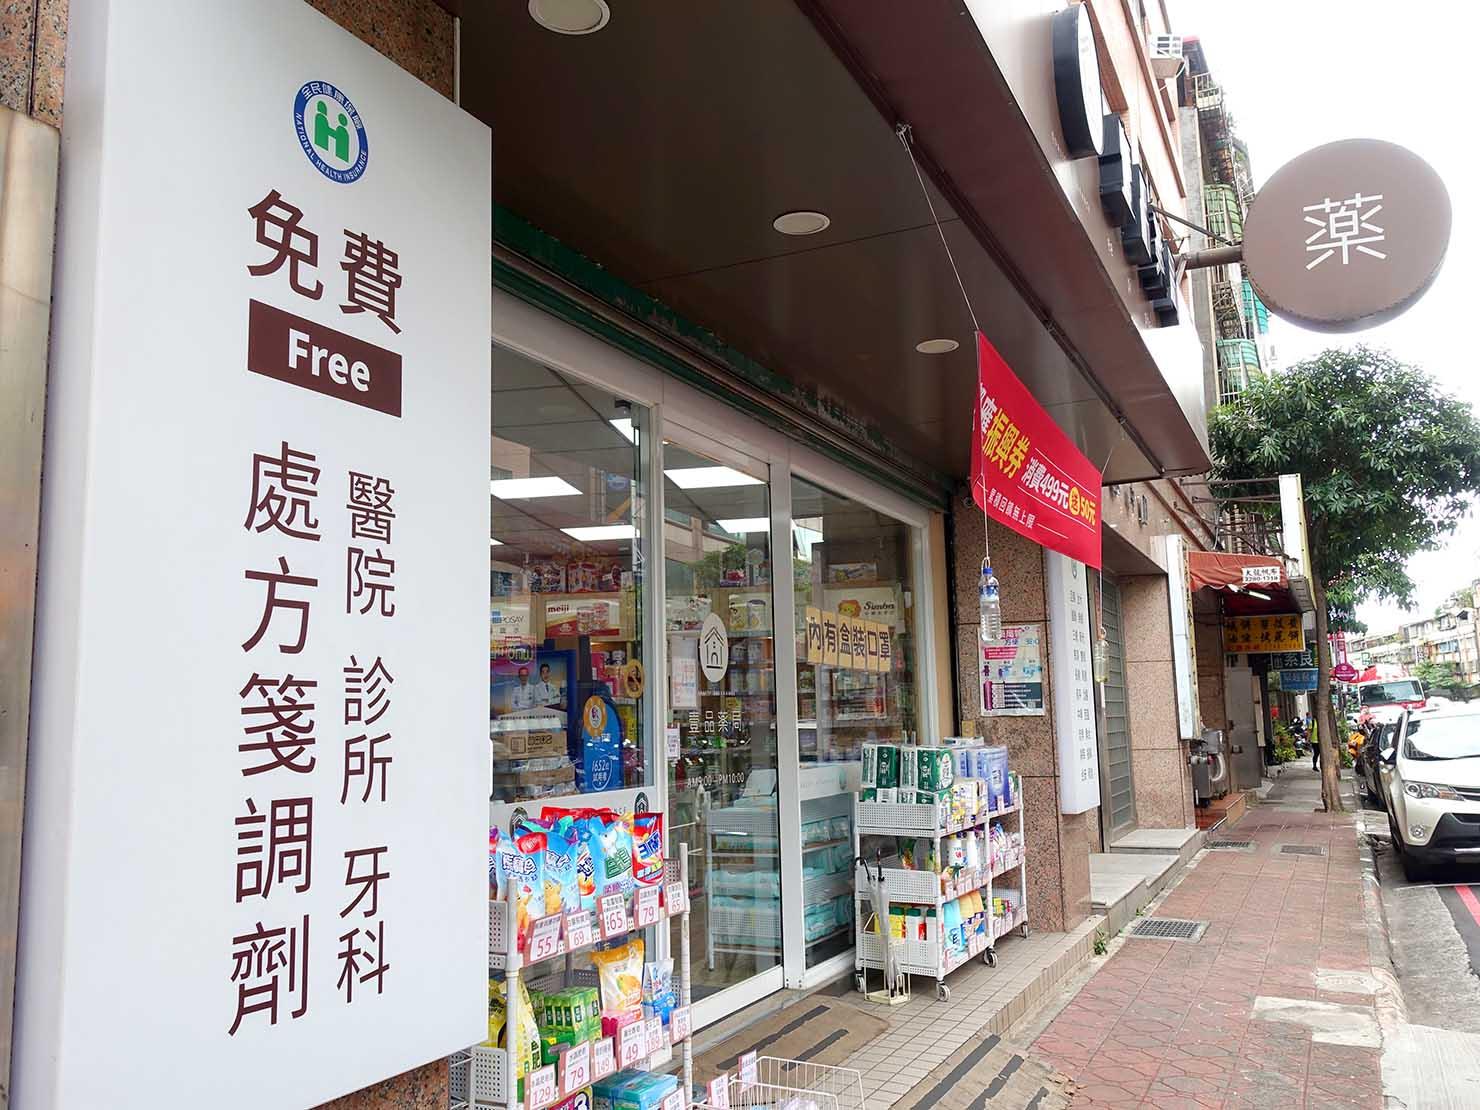 台湾の病院で処方される「慢性處方箋」が使える薬局